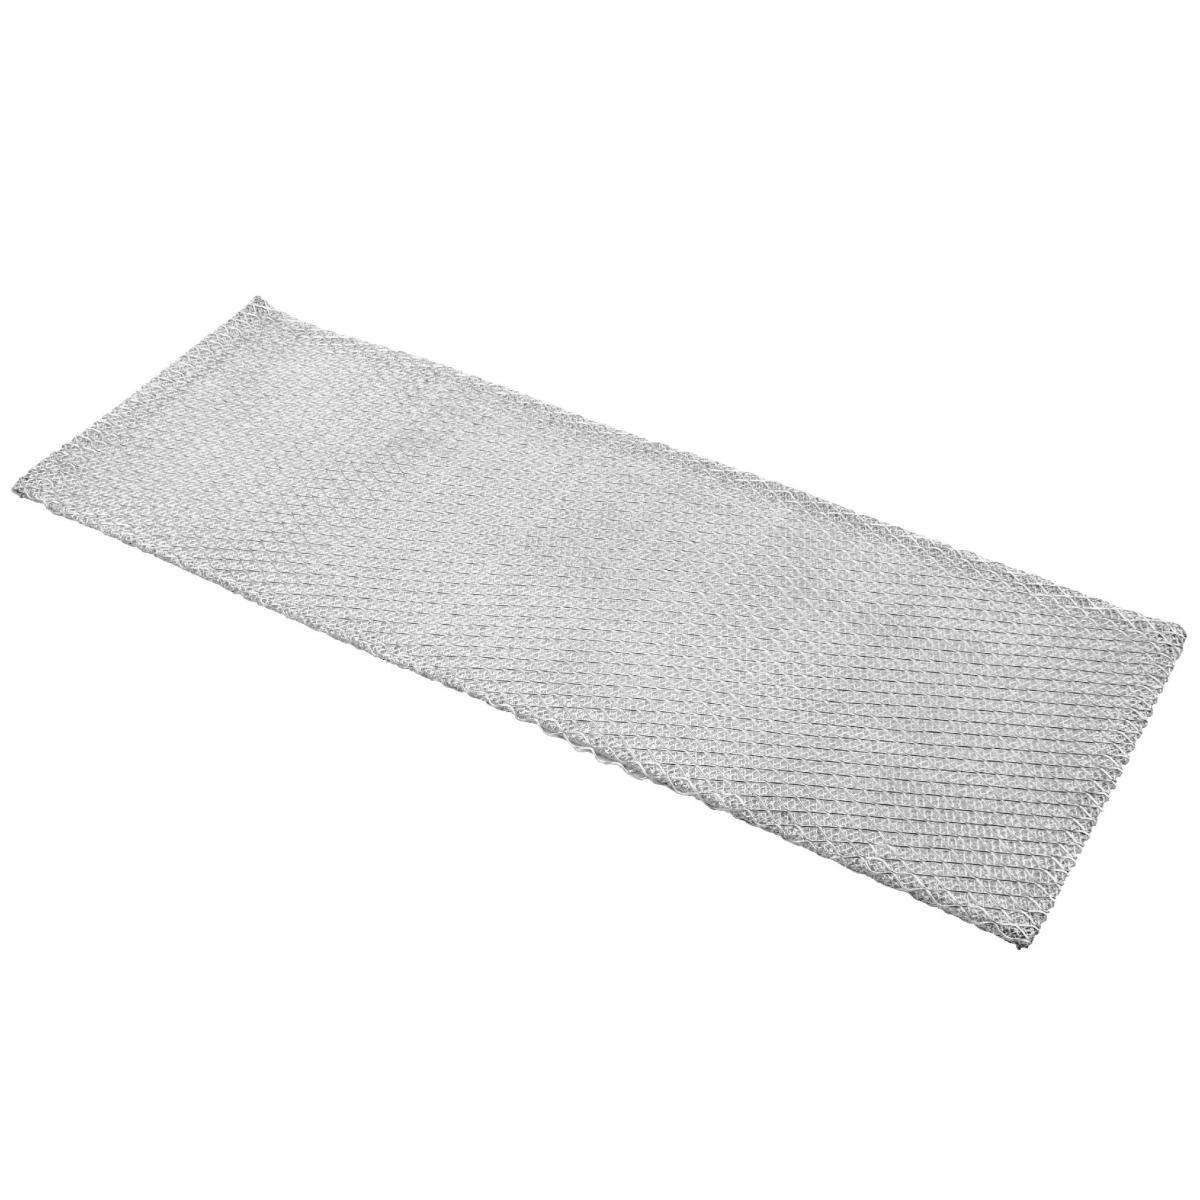 Vhbw vhbw Filtrepermanent filtre à graisse métallique 45,2 x 16 x 0,35 cm convient pour Bauknecht DNI 3260 857415029060 hotte